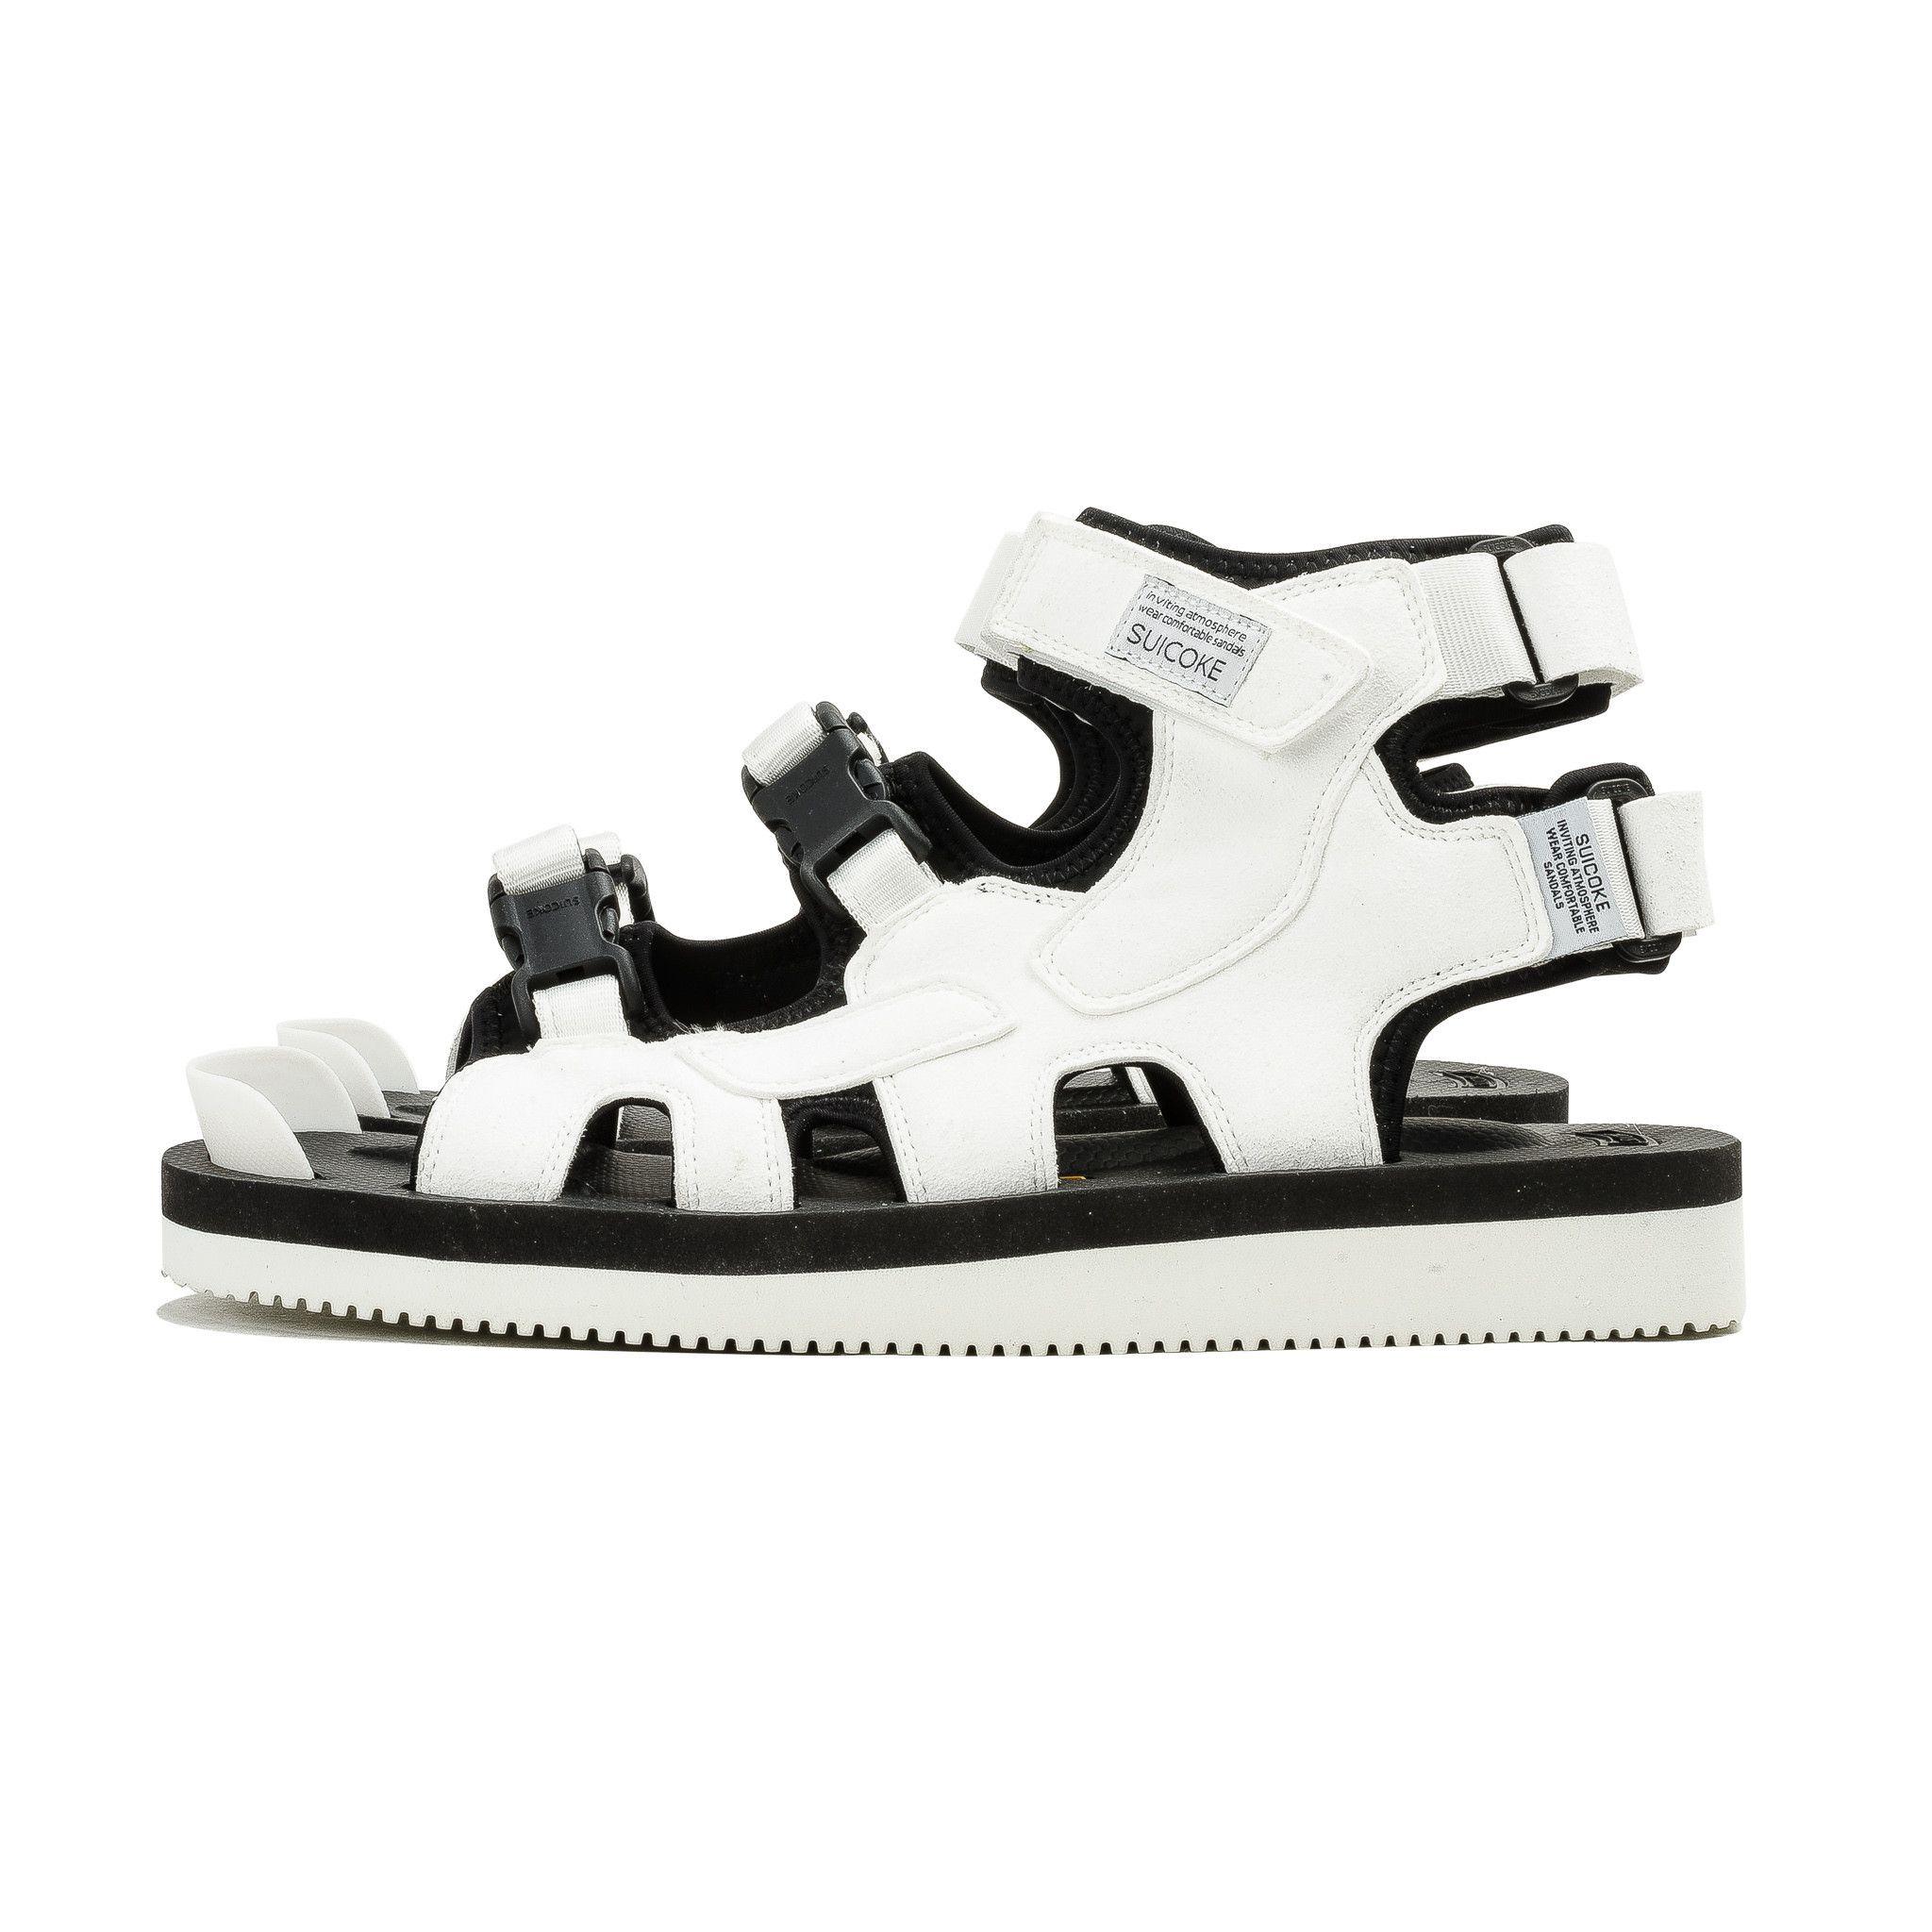 SUICOKE Boak-V Sandals XAoXl1n